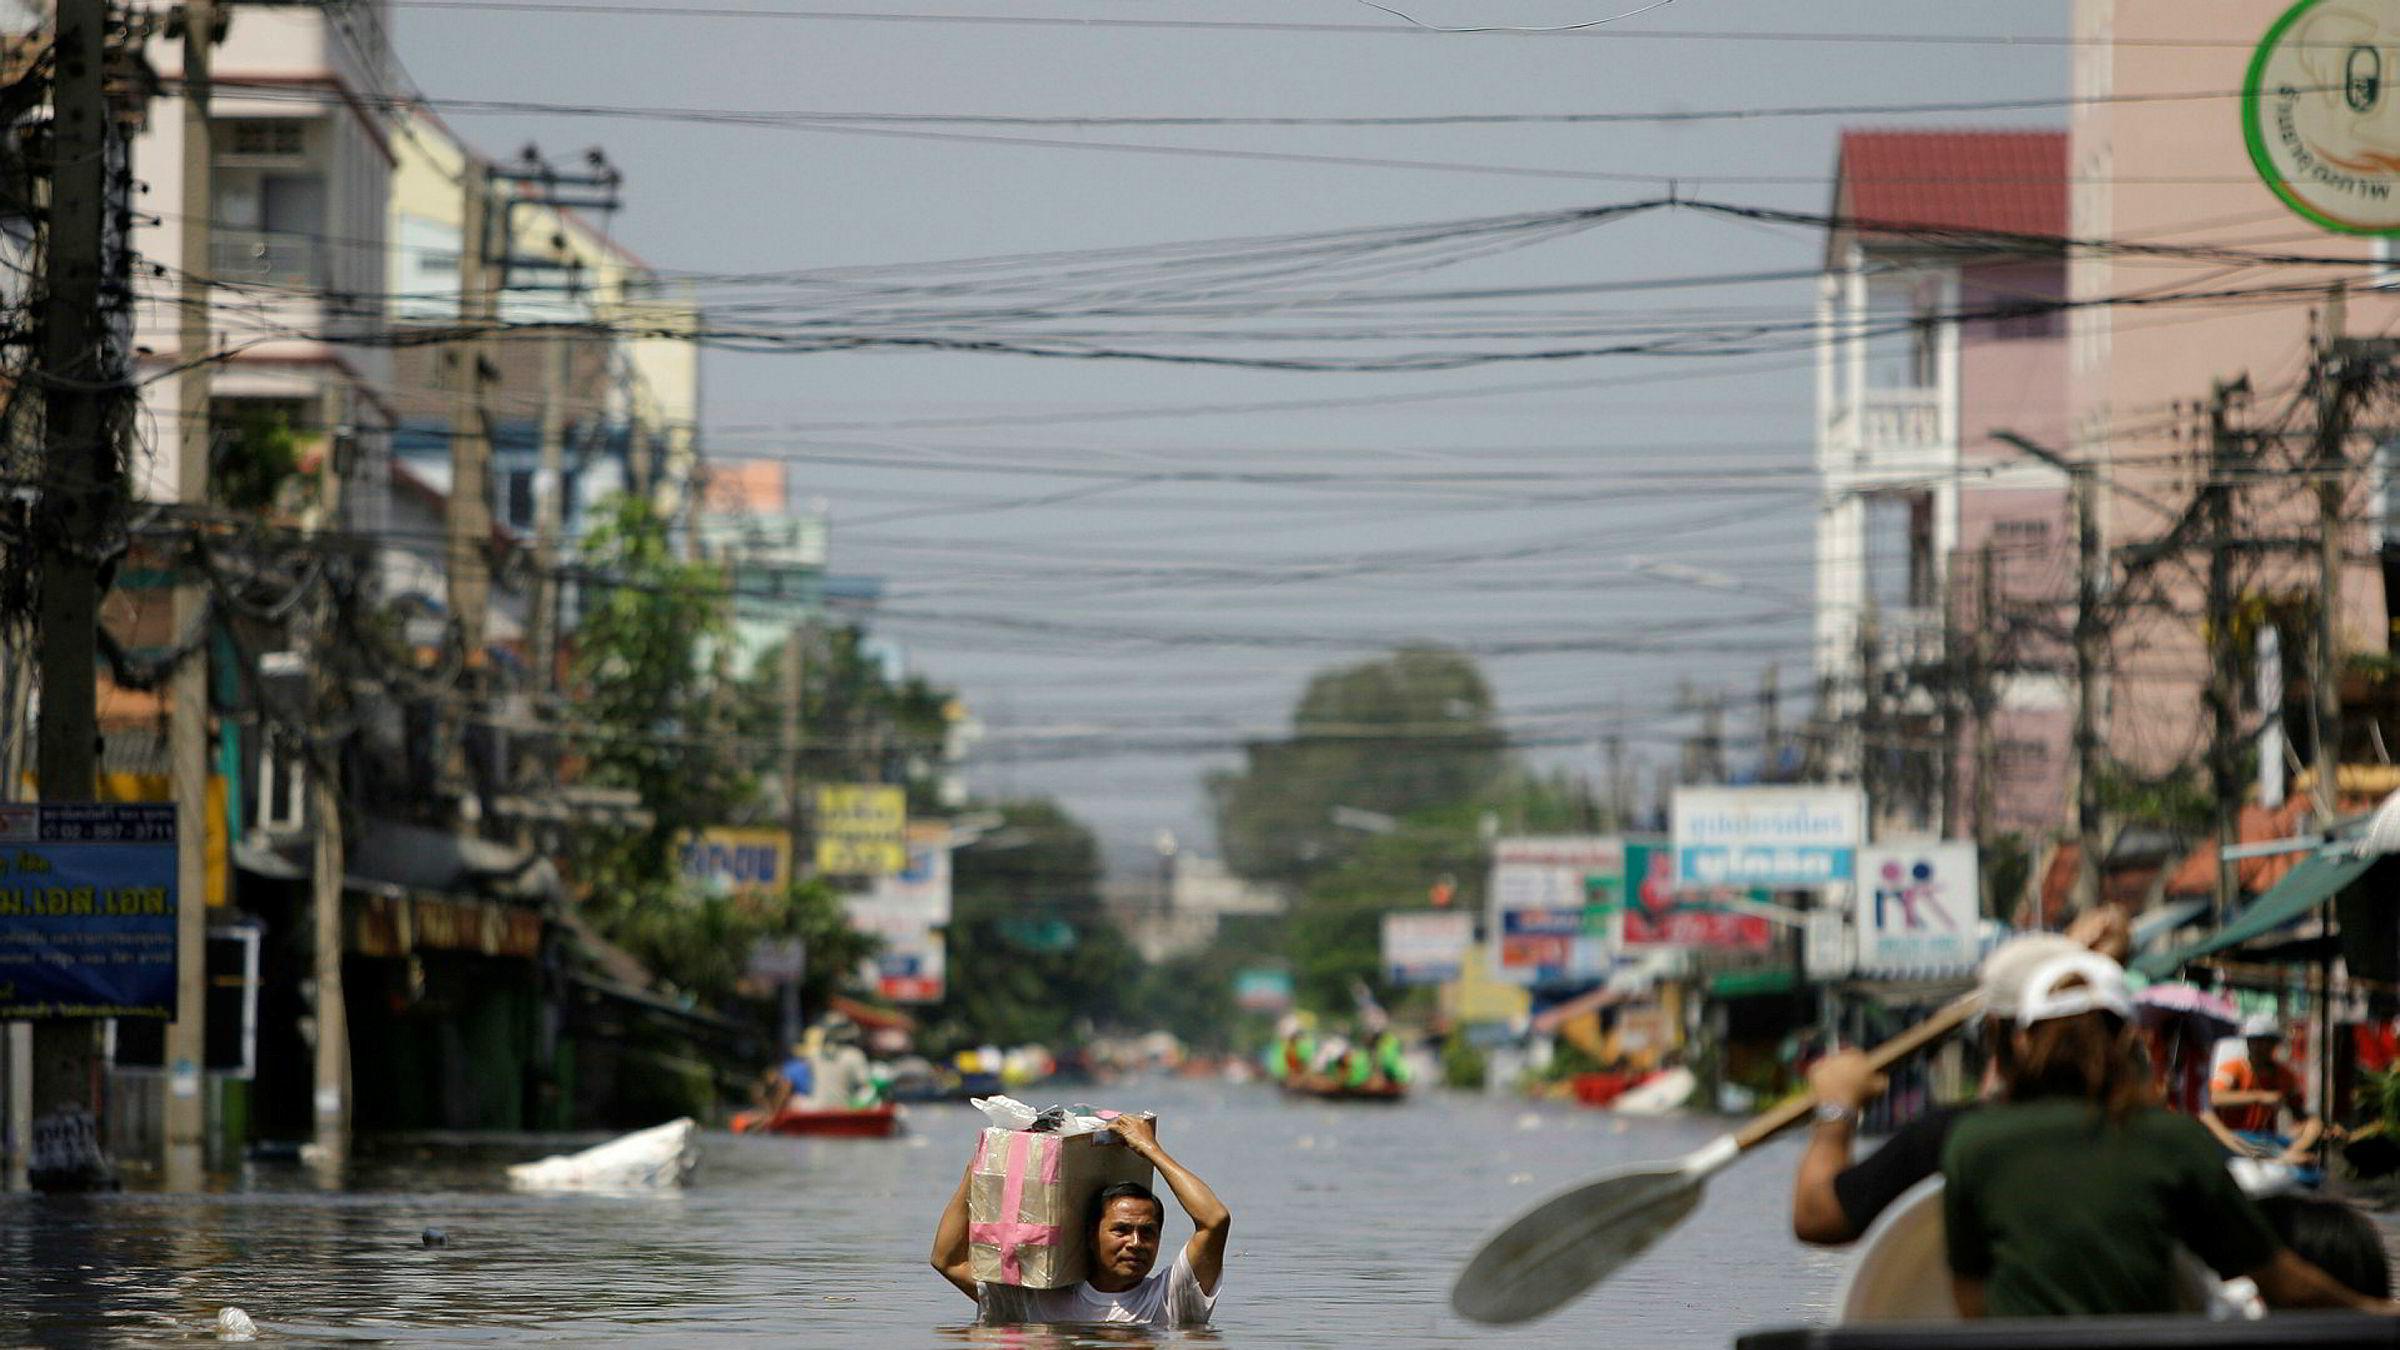 Klimaguru James Hansen ber verden handle nå for å redusere verdens klimautslipp. Kostnadene ved å ikke gjøre det vil bli gigantiske. Bildet viser en tidligere oversvømmelse i Bangkok etter omfattende monsunregn.